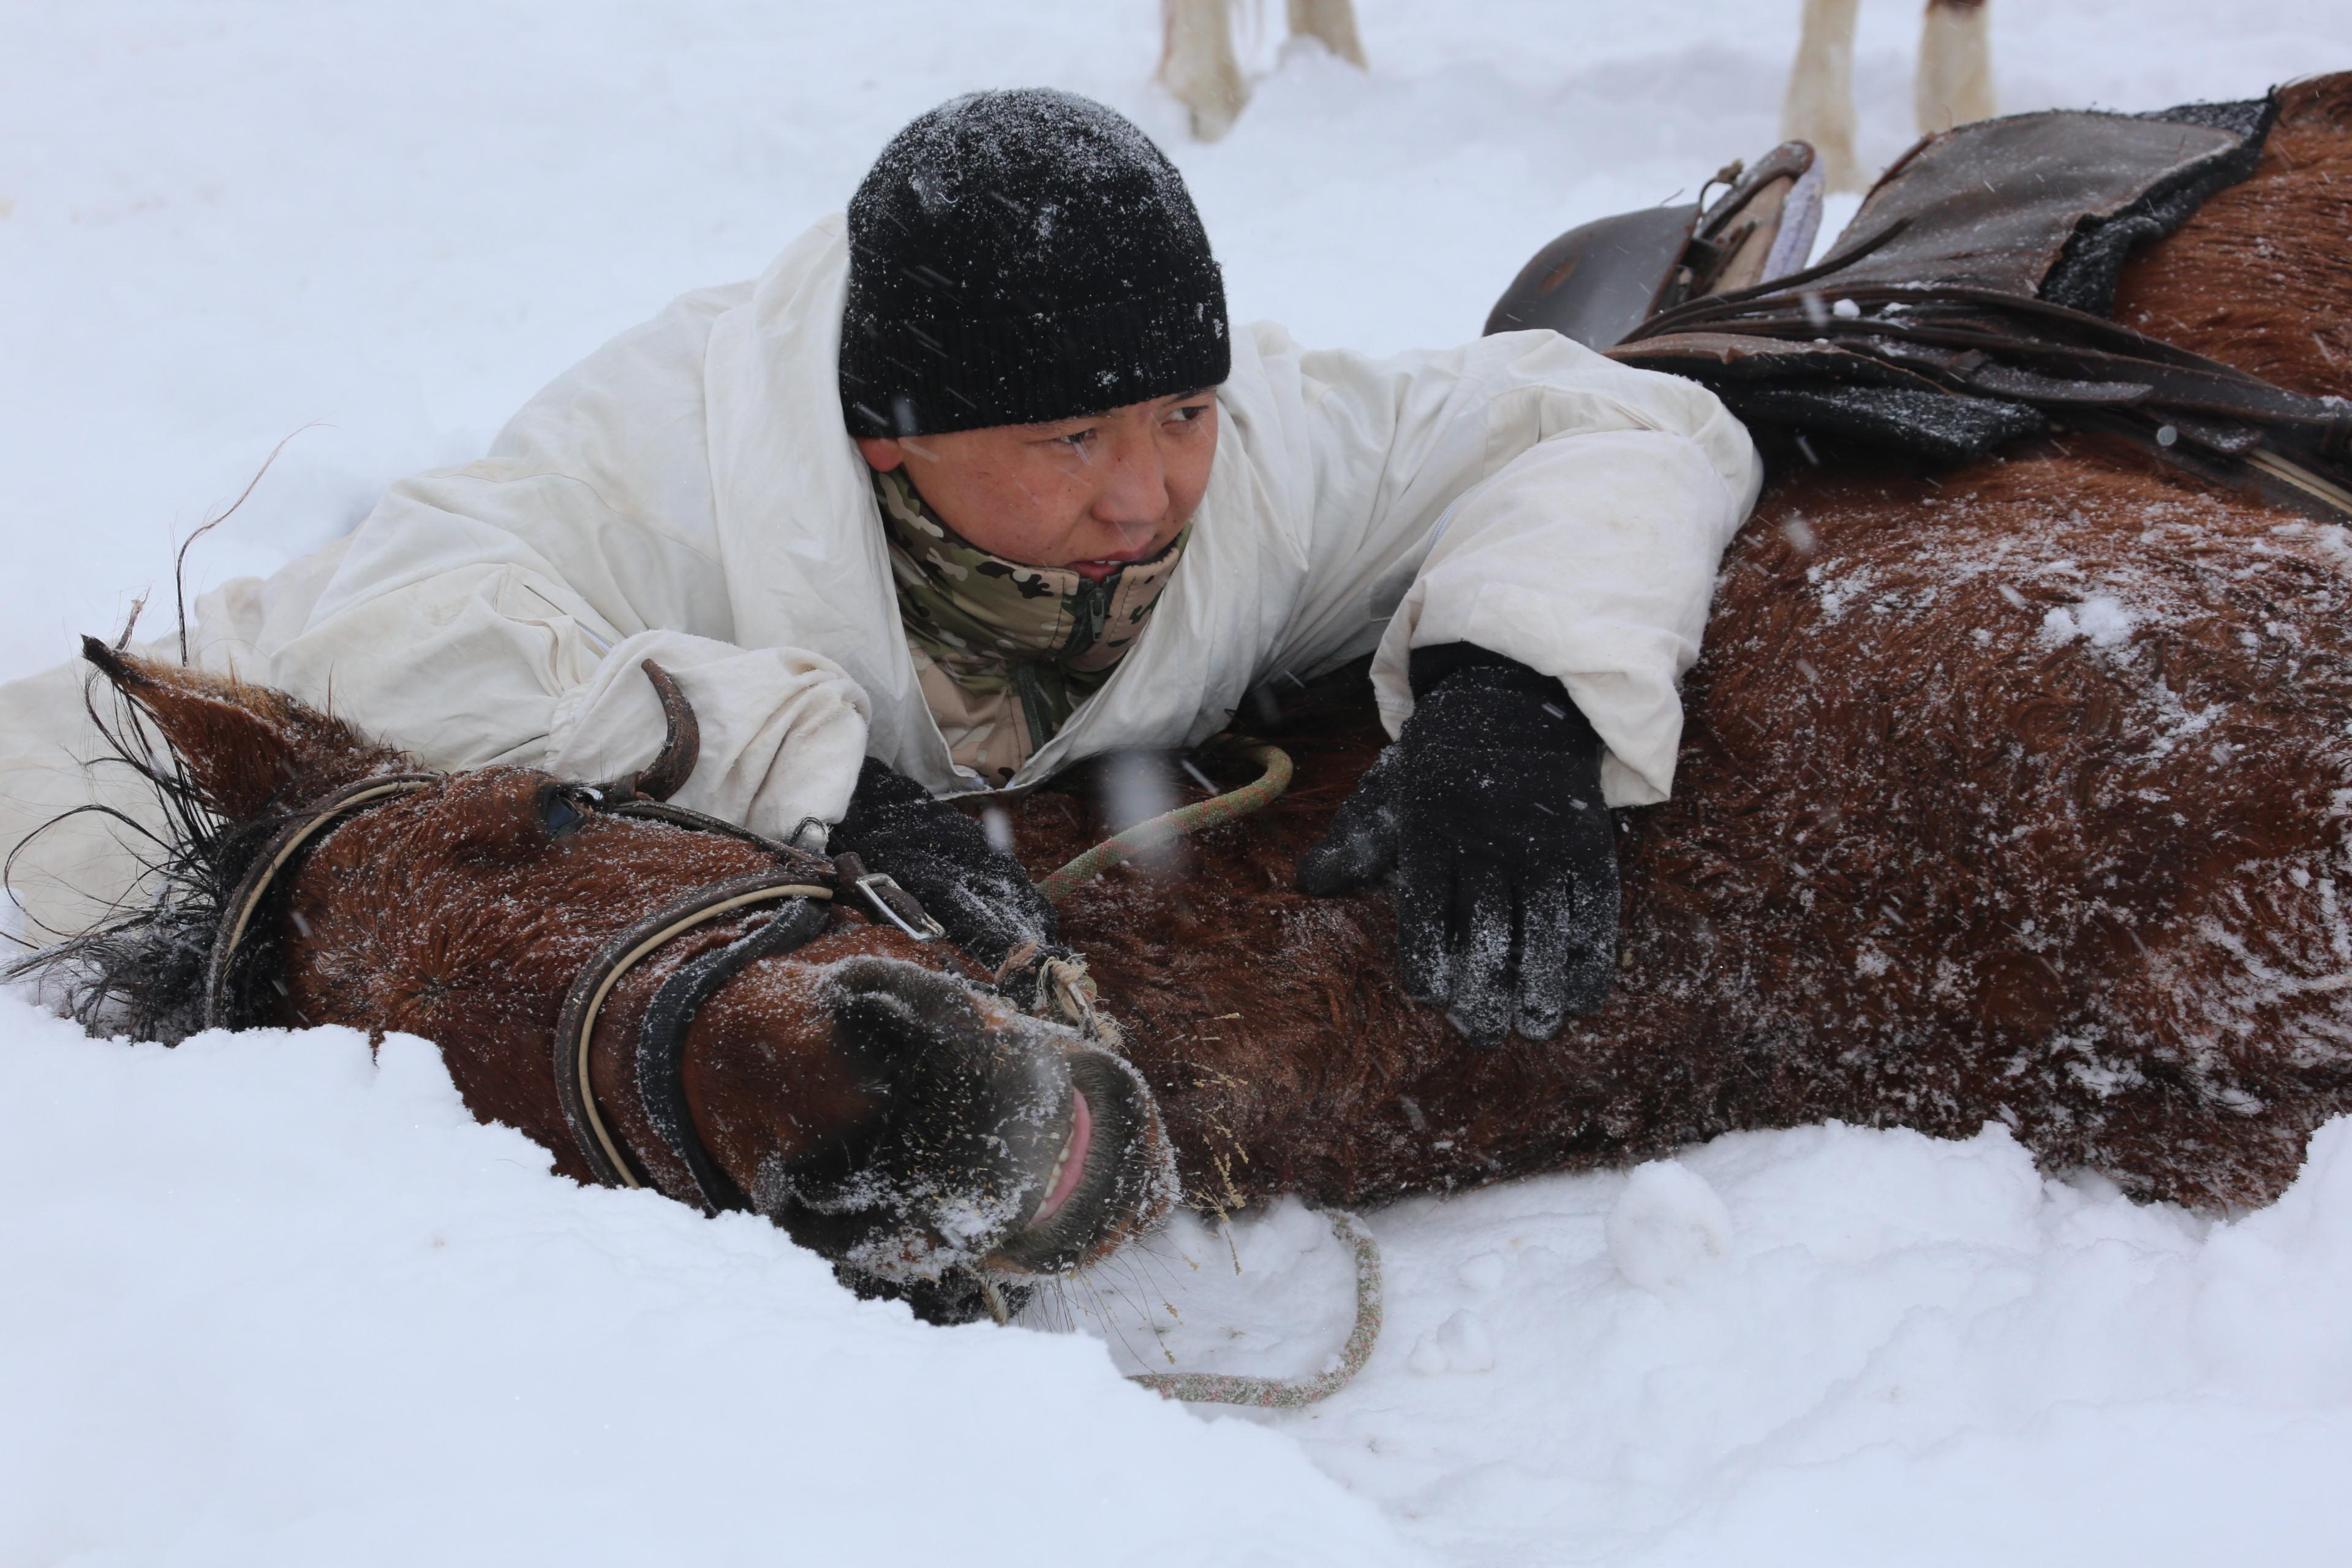 Казахстанские военнослужащие примут участие в Международном конном марафоне в Монголии